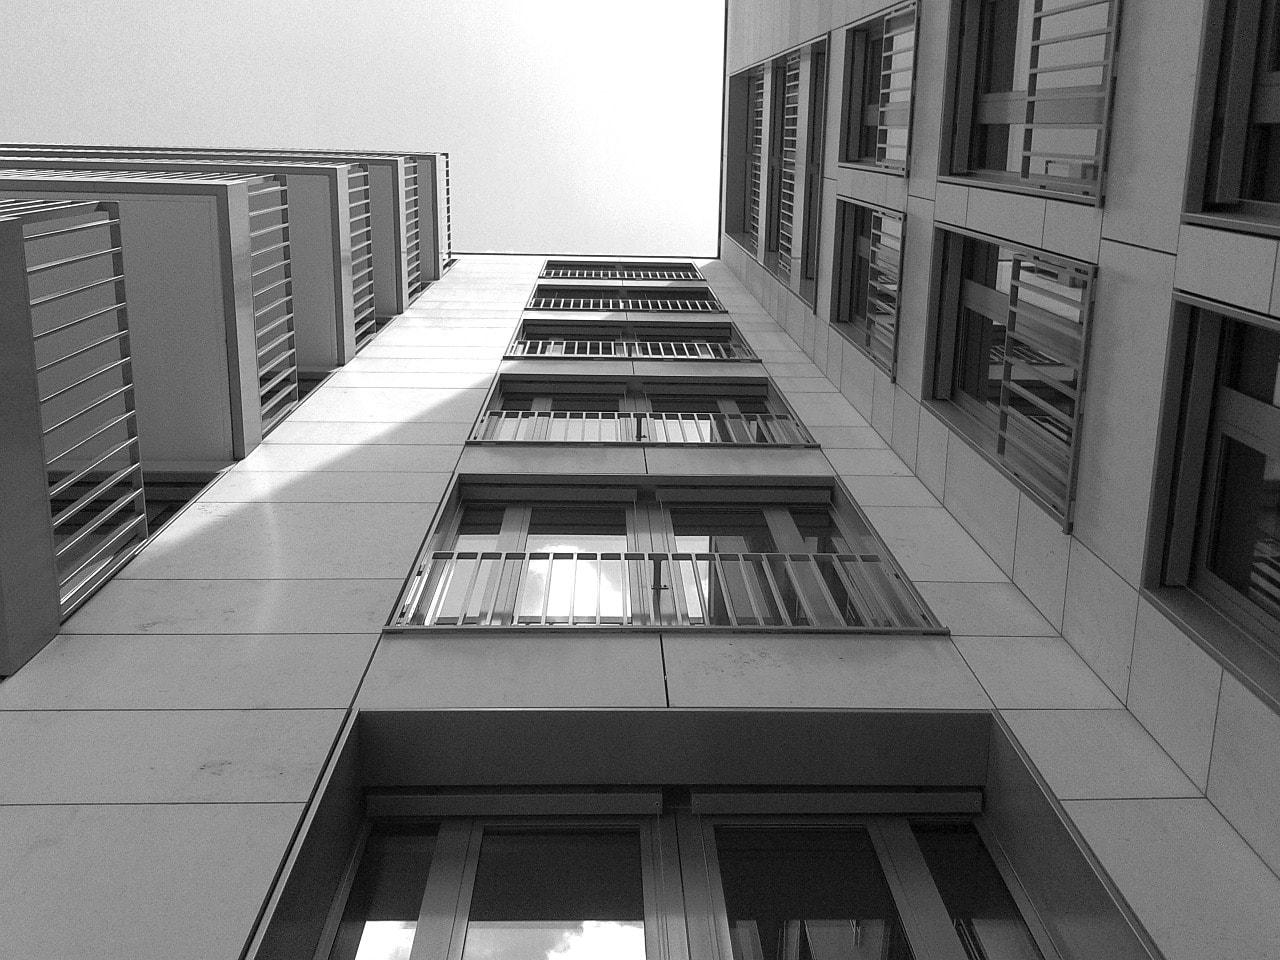 鉄筋コンクリート造の建物